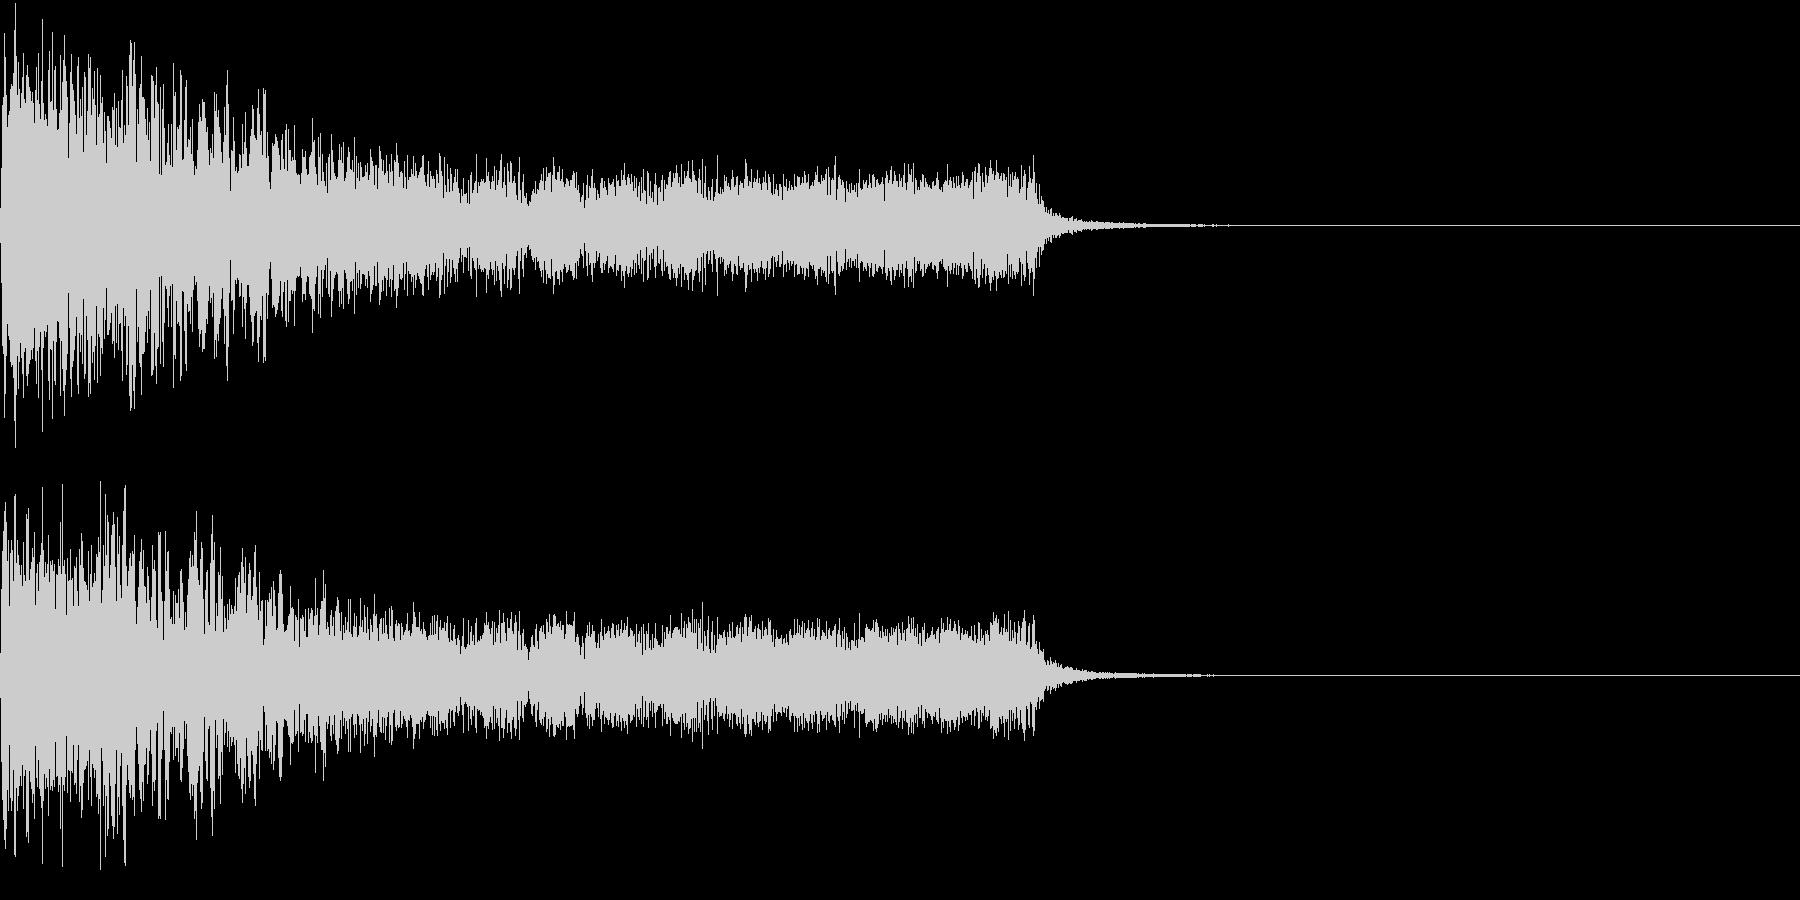 衝撃 ギター インパクト ノイズ 08の未再生の波形